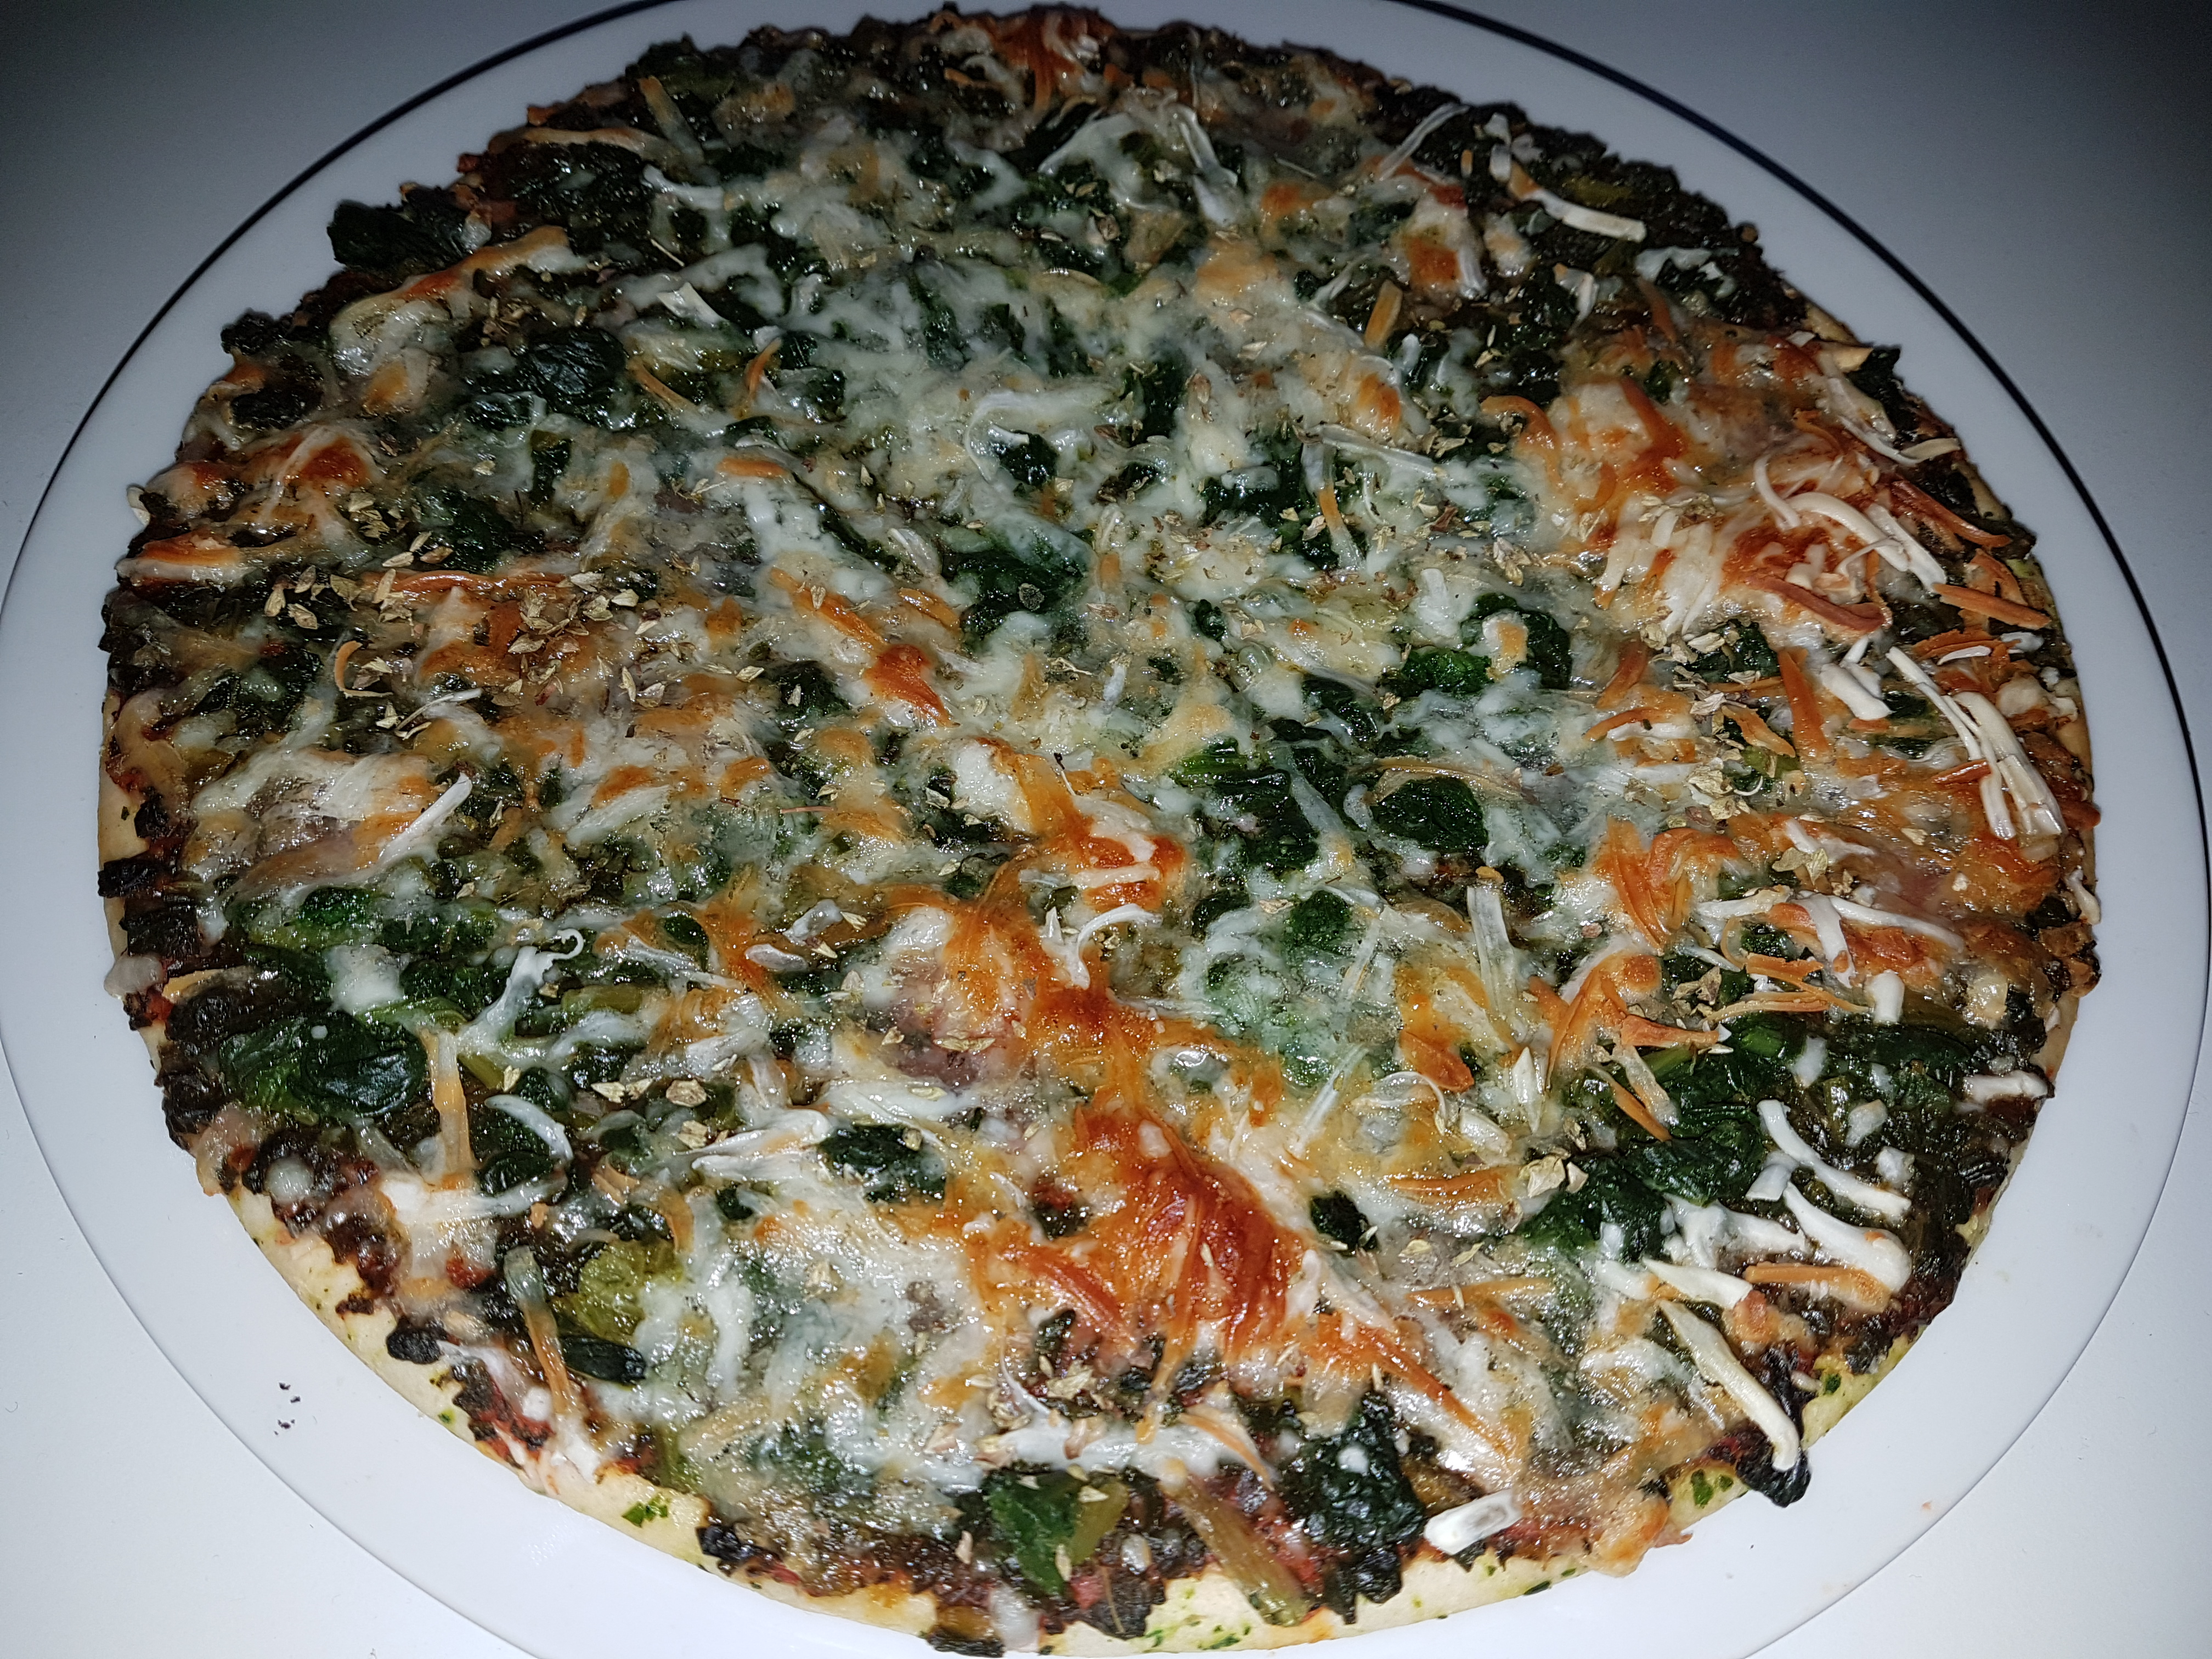 https://foodloader.net/Holz_2018-04-26_Pizza.jpg